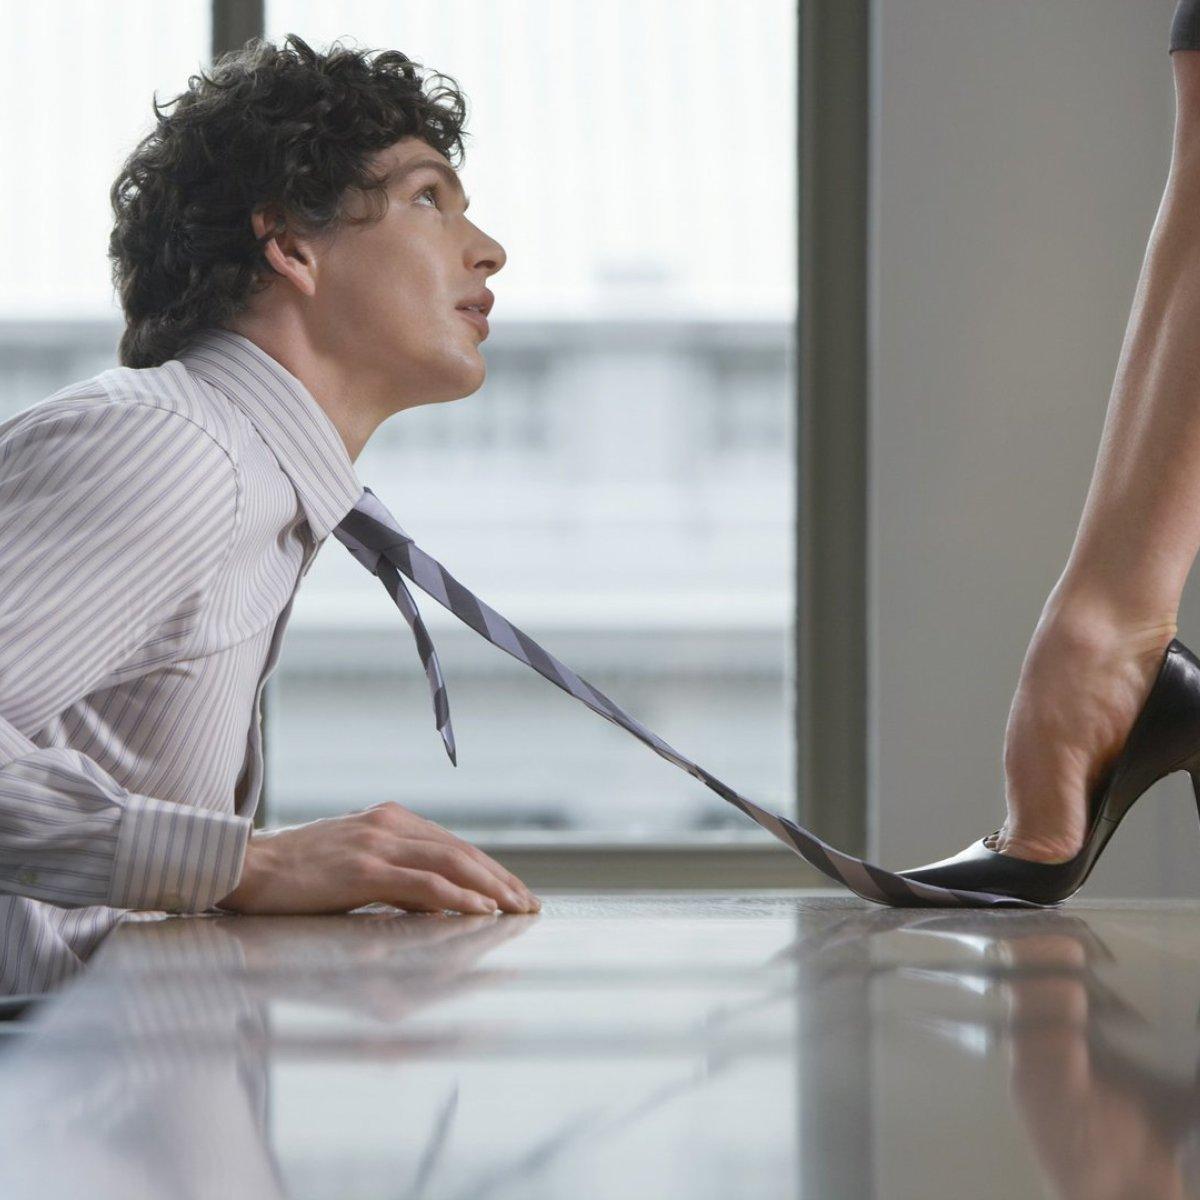 ilga vyrų erekcija kad įvedimas į varpą erekcijai